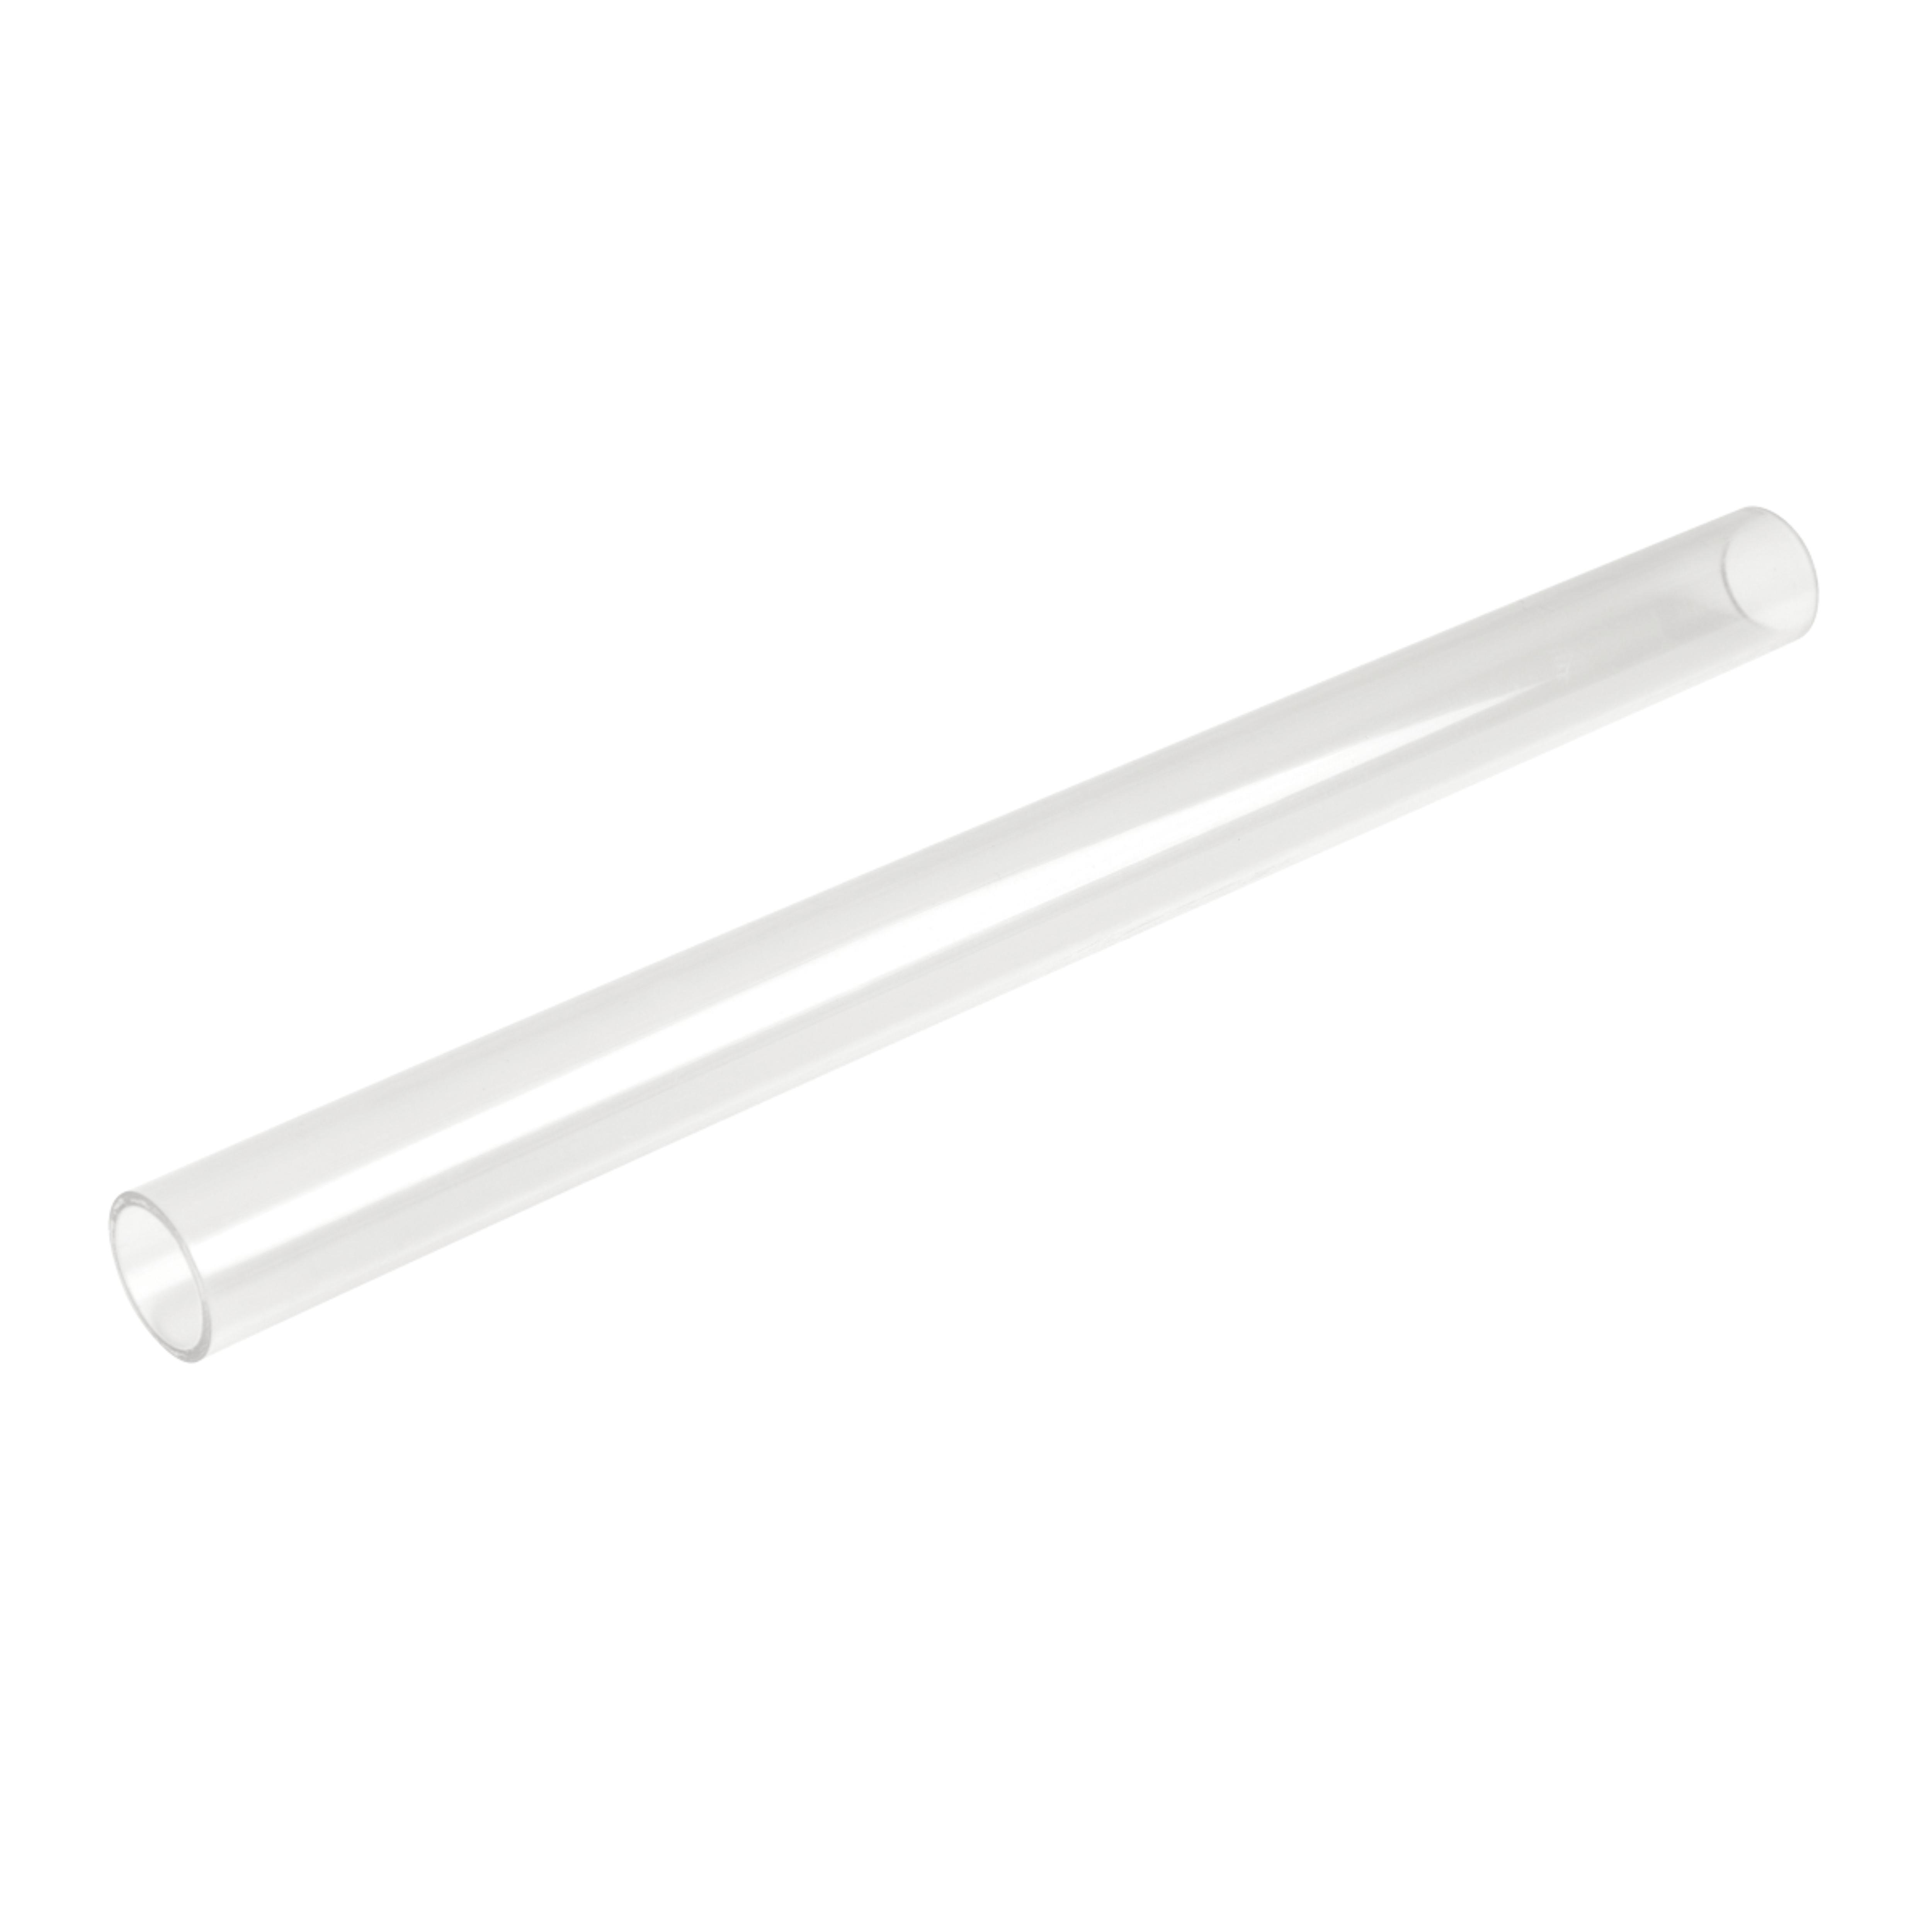 PVC potrubie DN 50 mm priehľadné, metráž